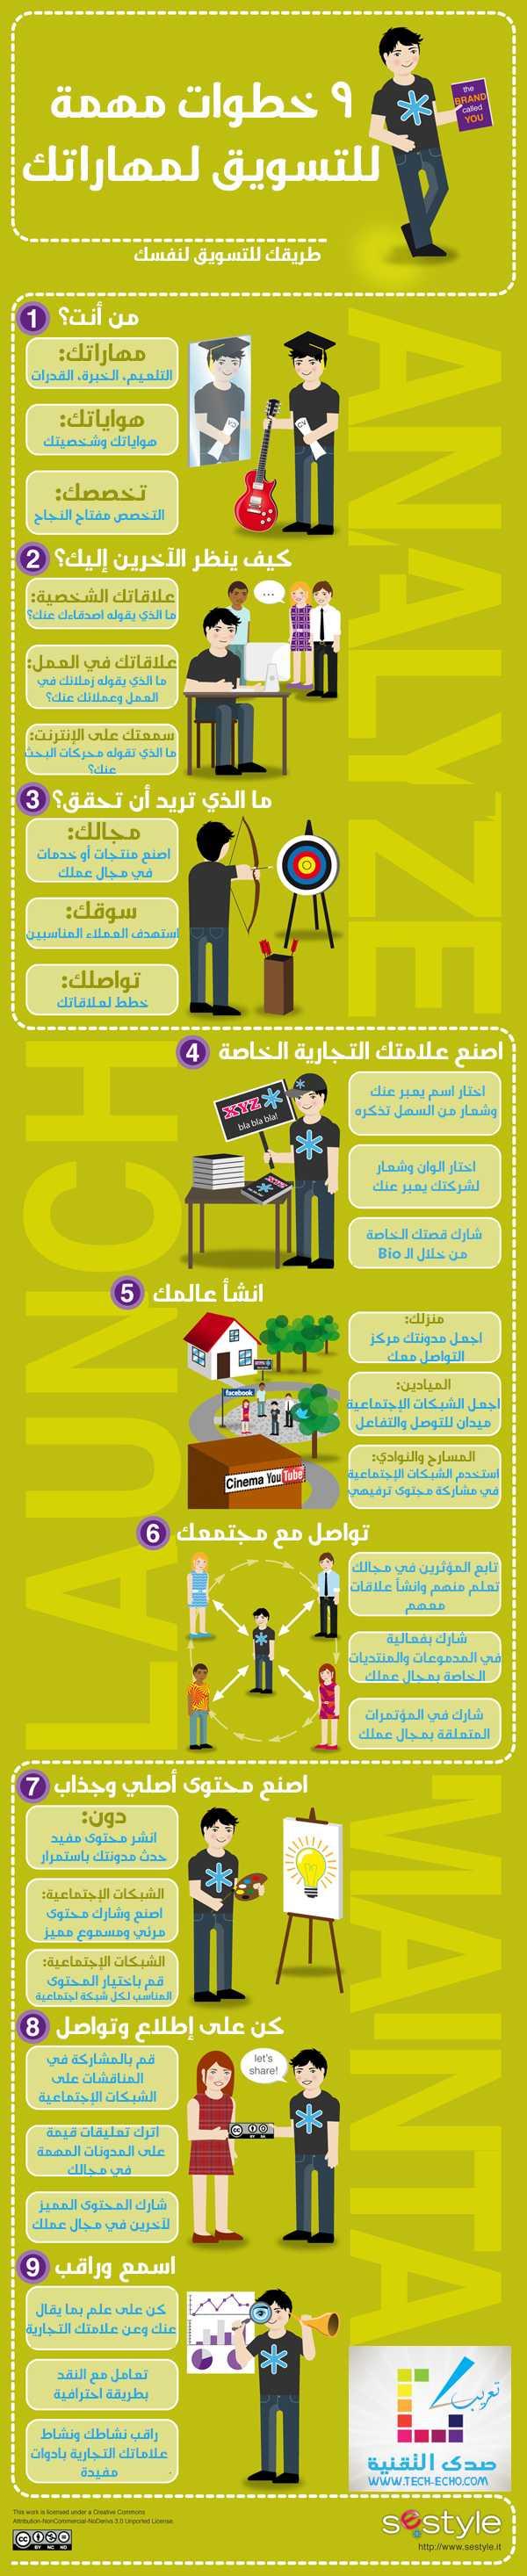 9 خطوات مهمة للتسويق ناجح لمنتجك أو لمهاراتك